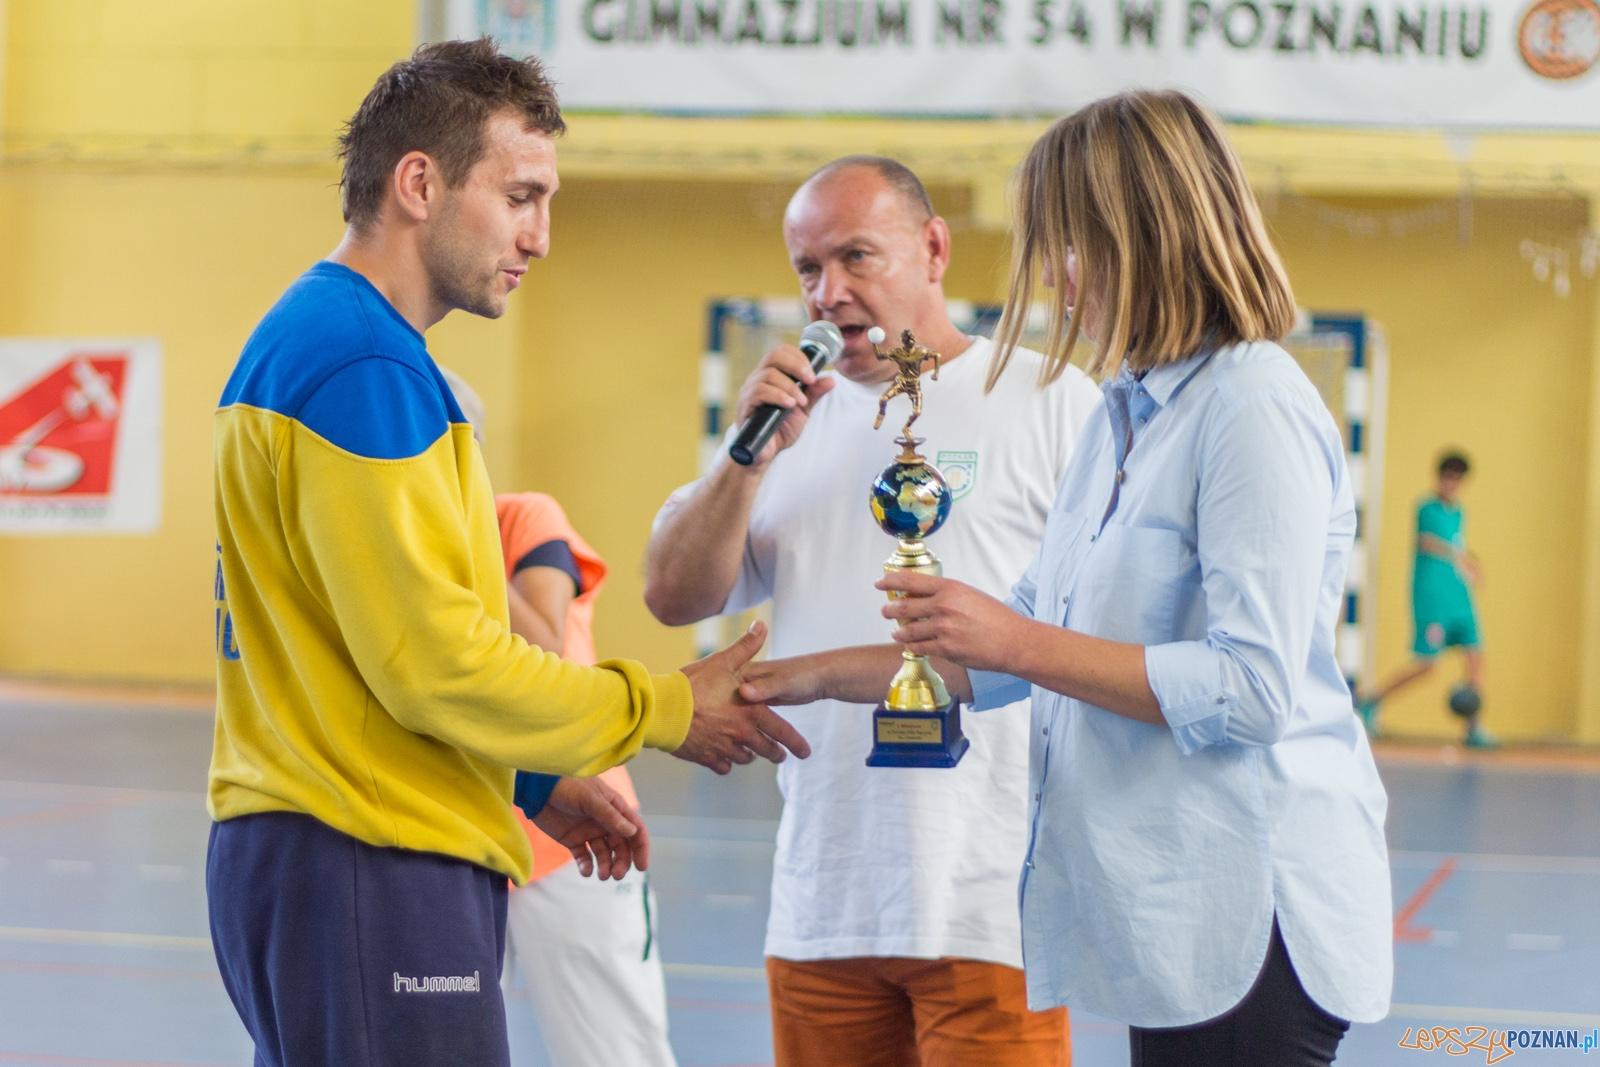 Turniej Pokoleniowy imienia Jerzego Kuleczki  Foto: lepszyPOZNAN.pl / Ewelina Jaskowiak